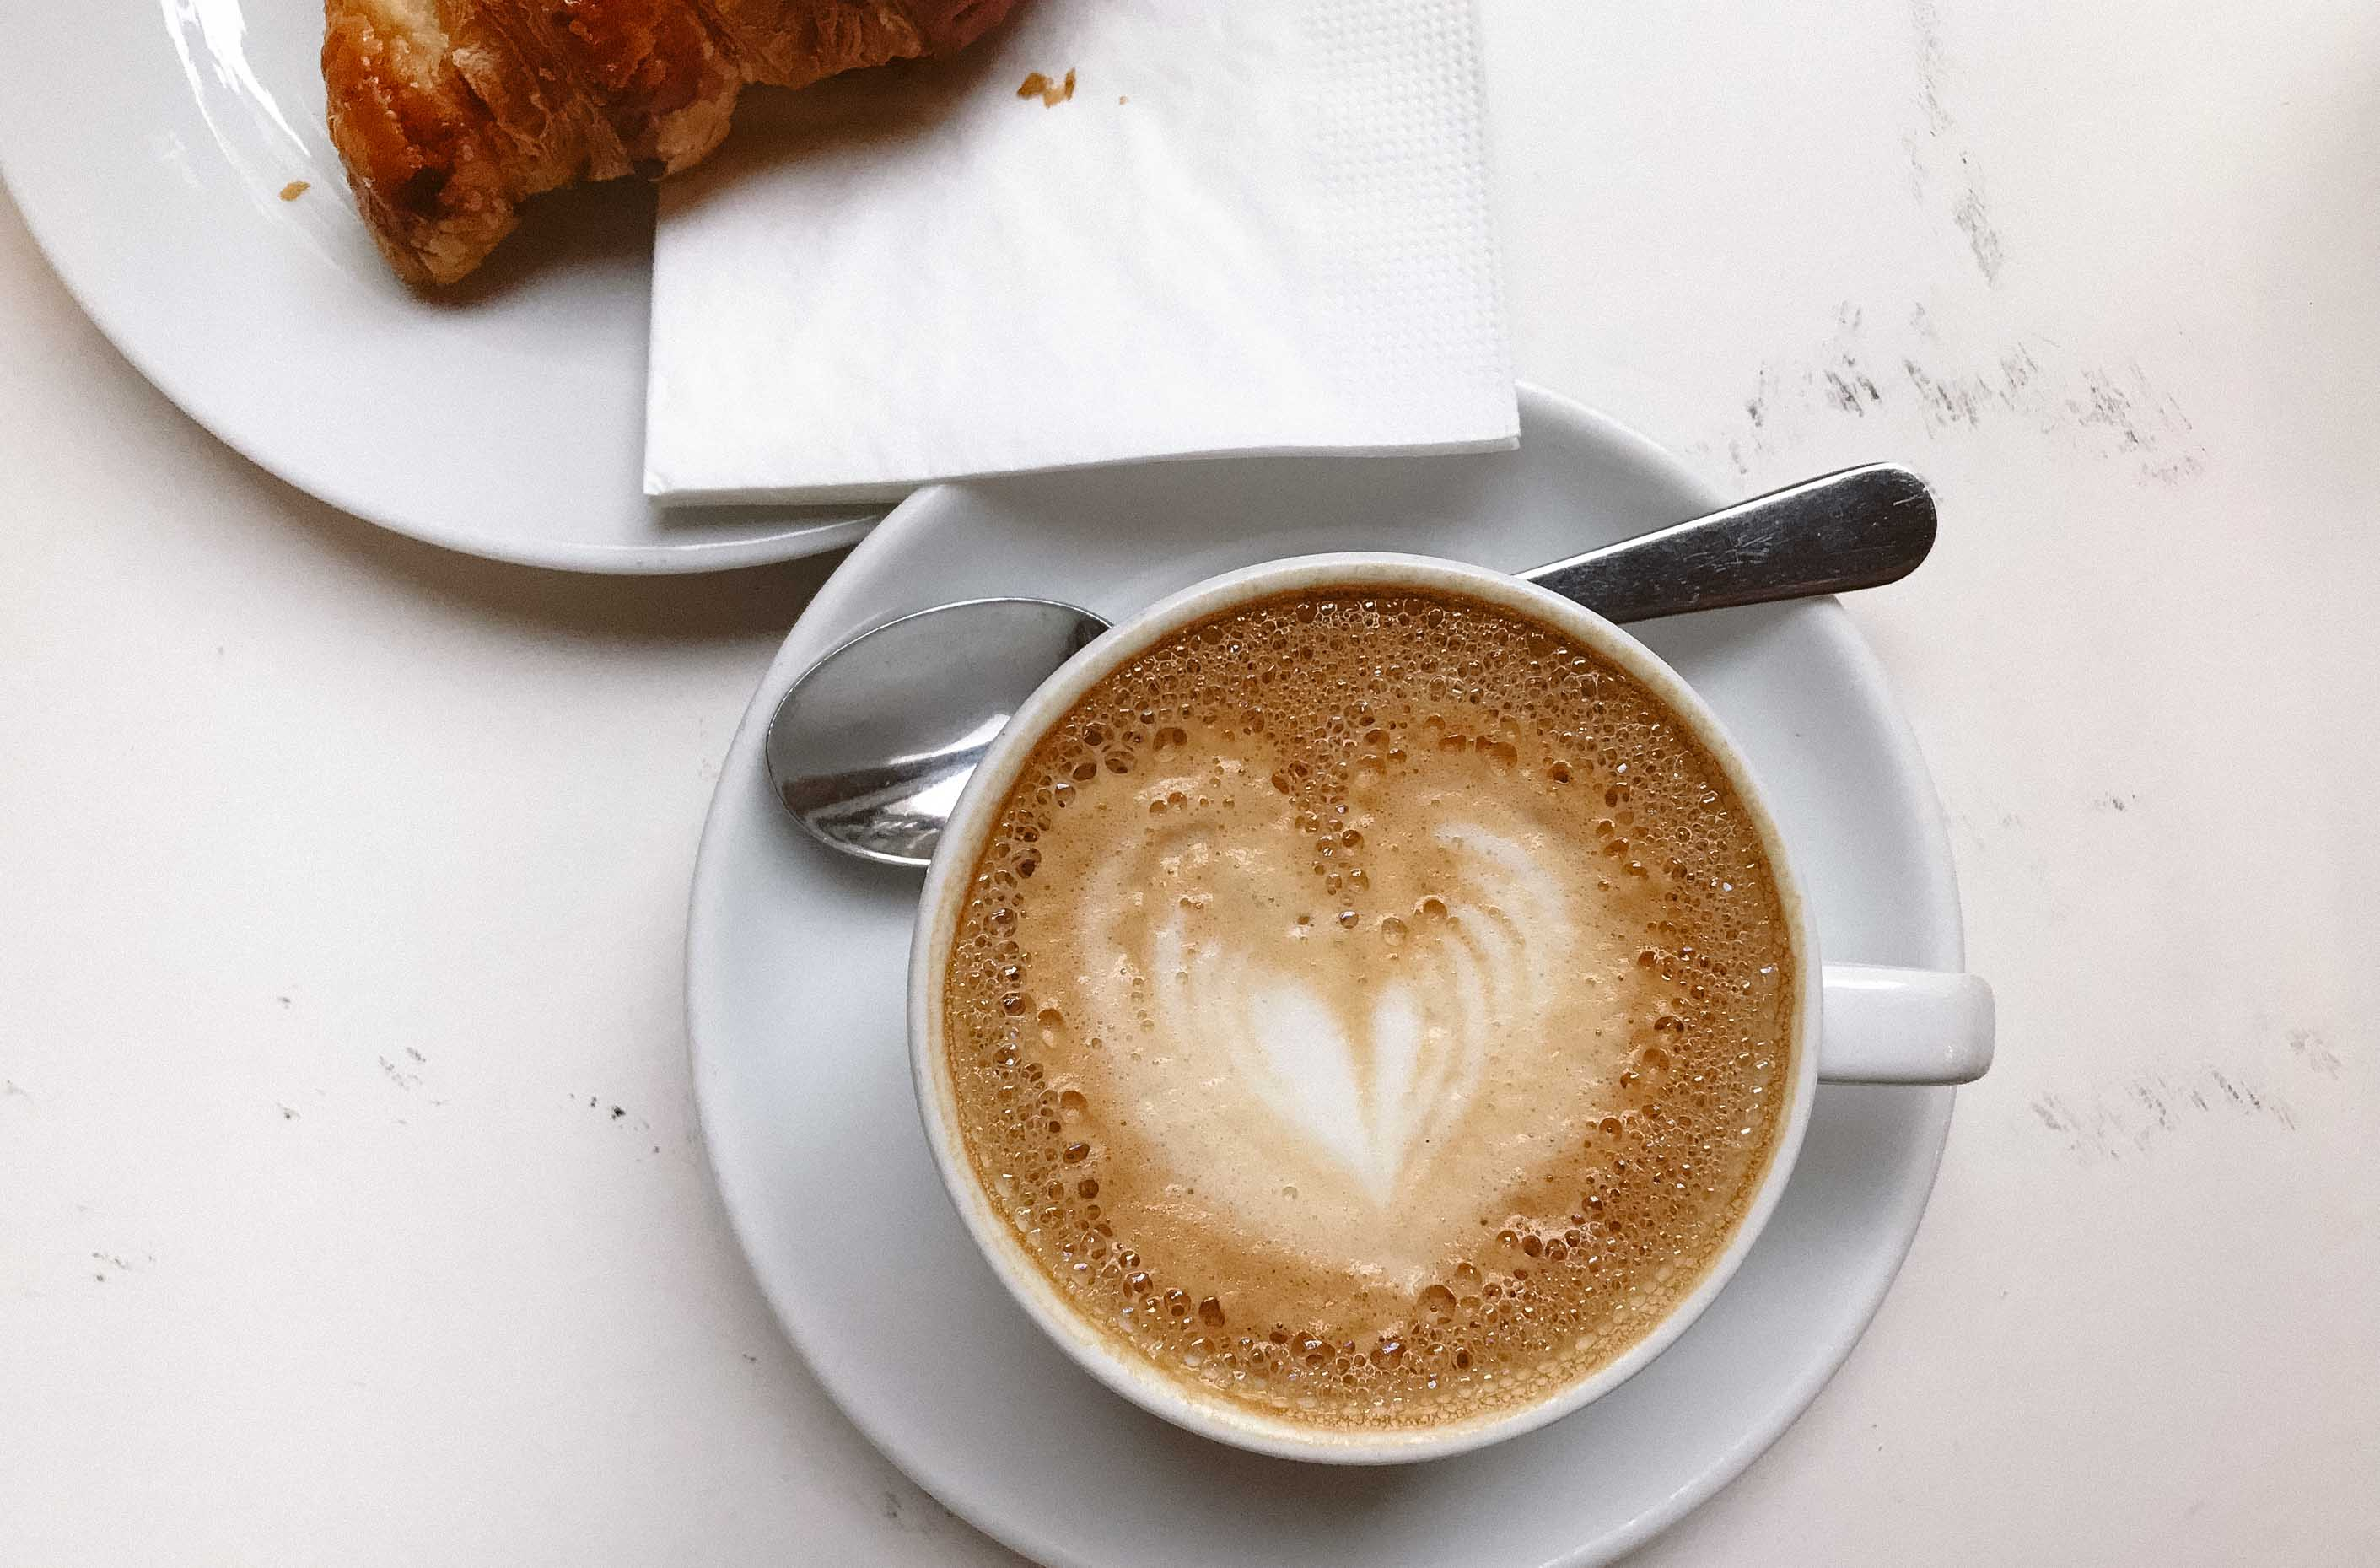 5 крутых кофешопов для фрилансеров в Будапеште - Espresso Embassy